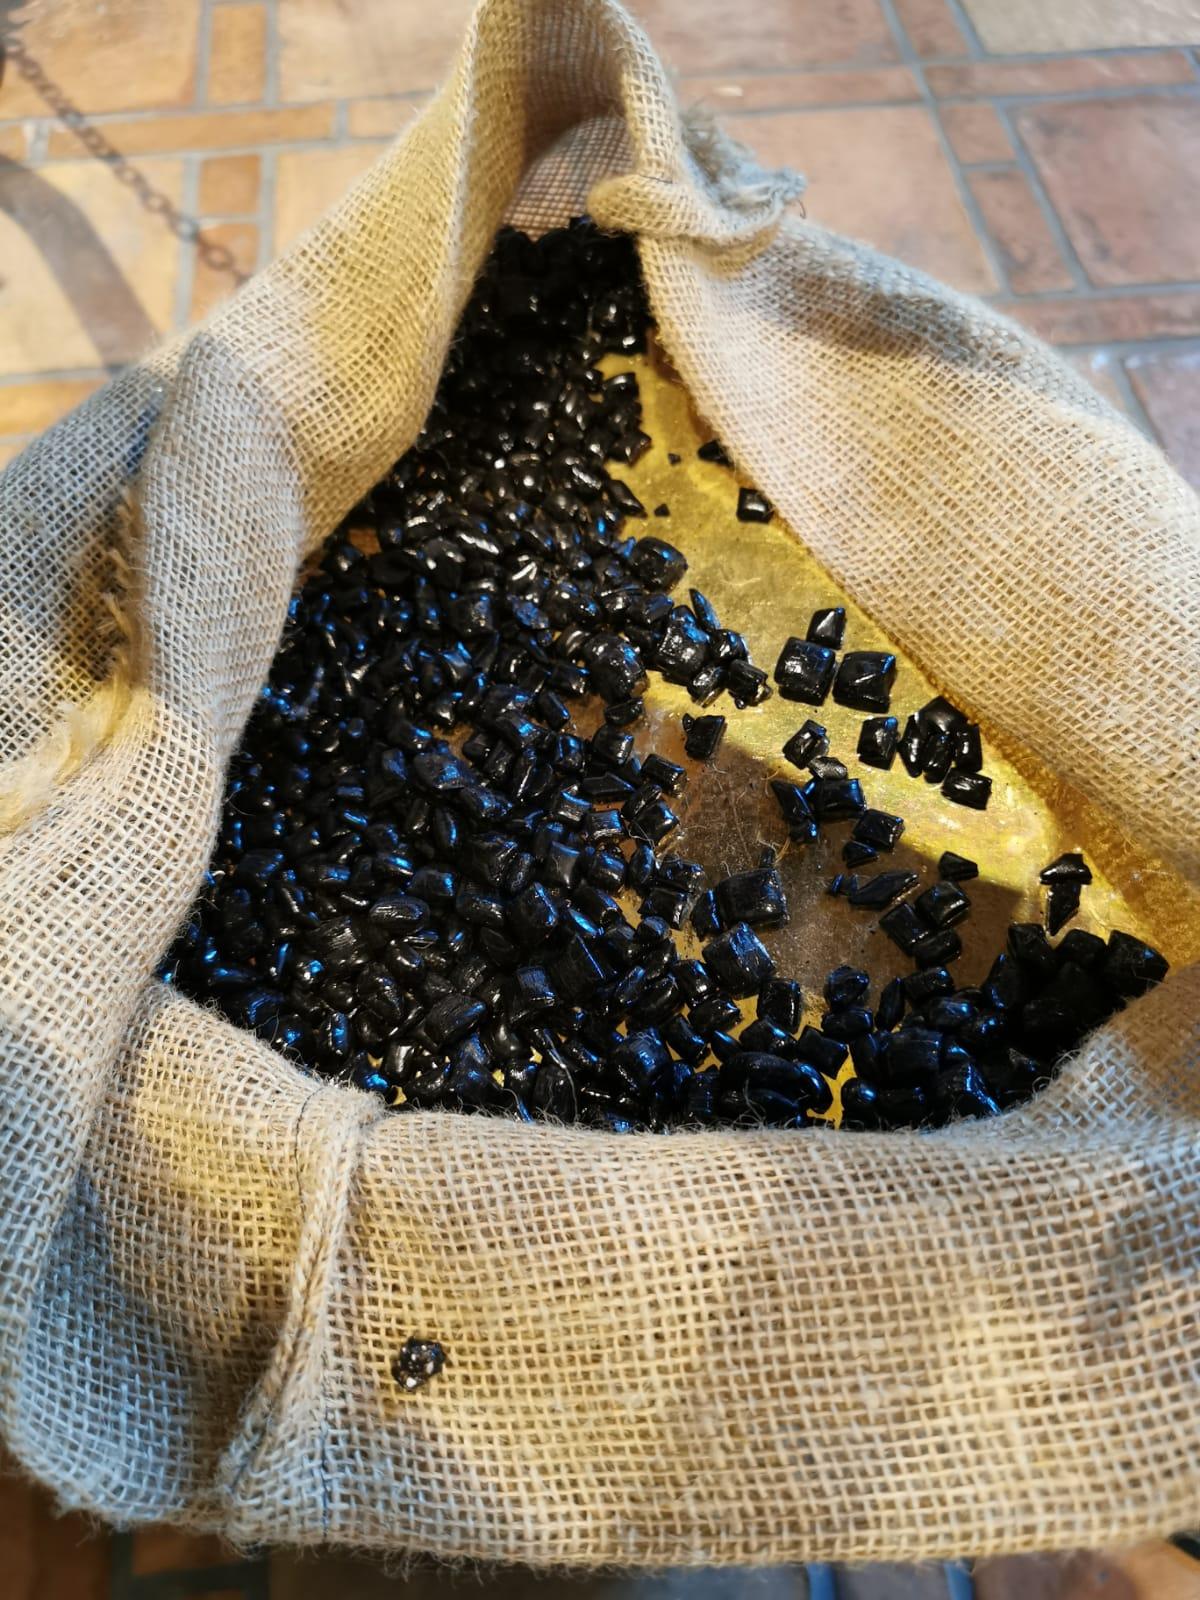 Piccole caramelle nere di liquirizia pura lucide e dalla forma irrogolare